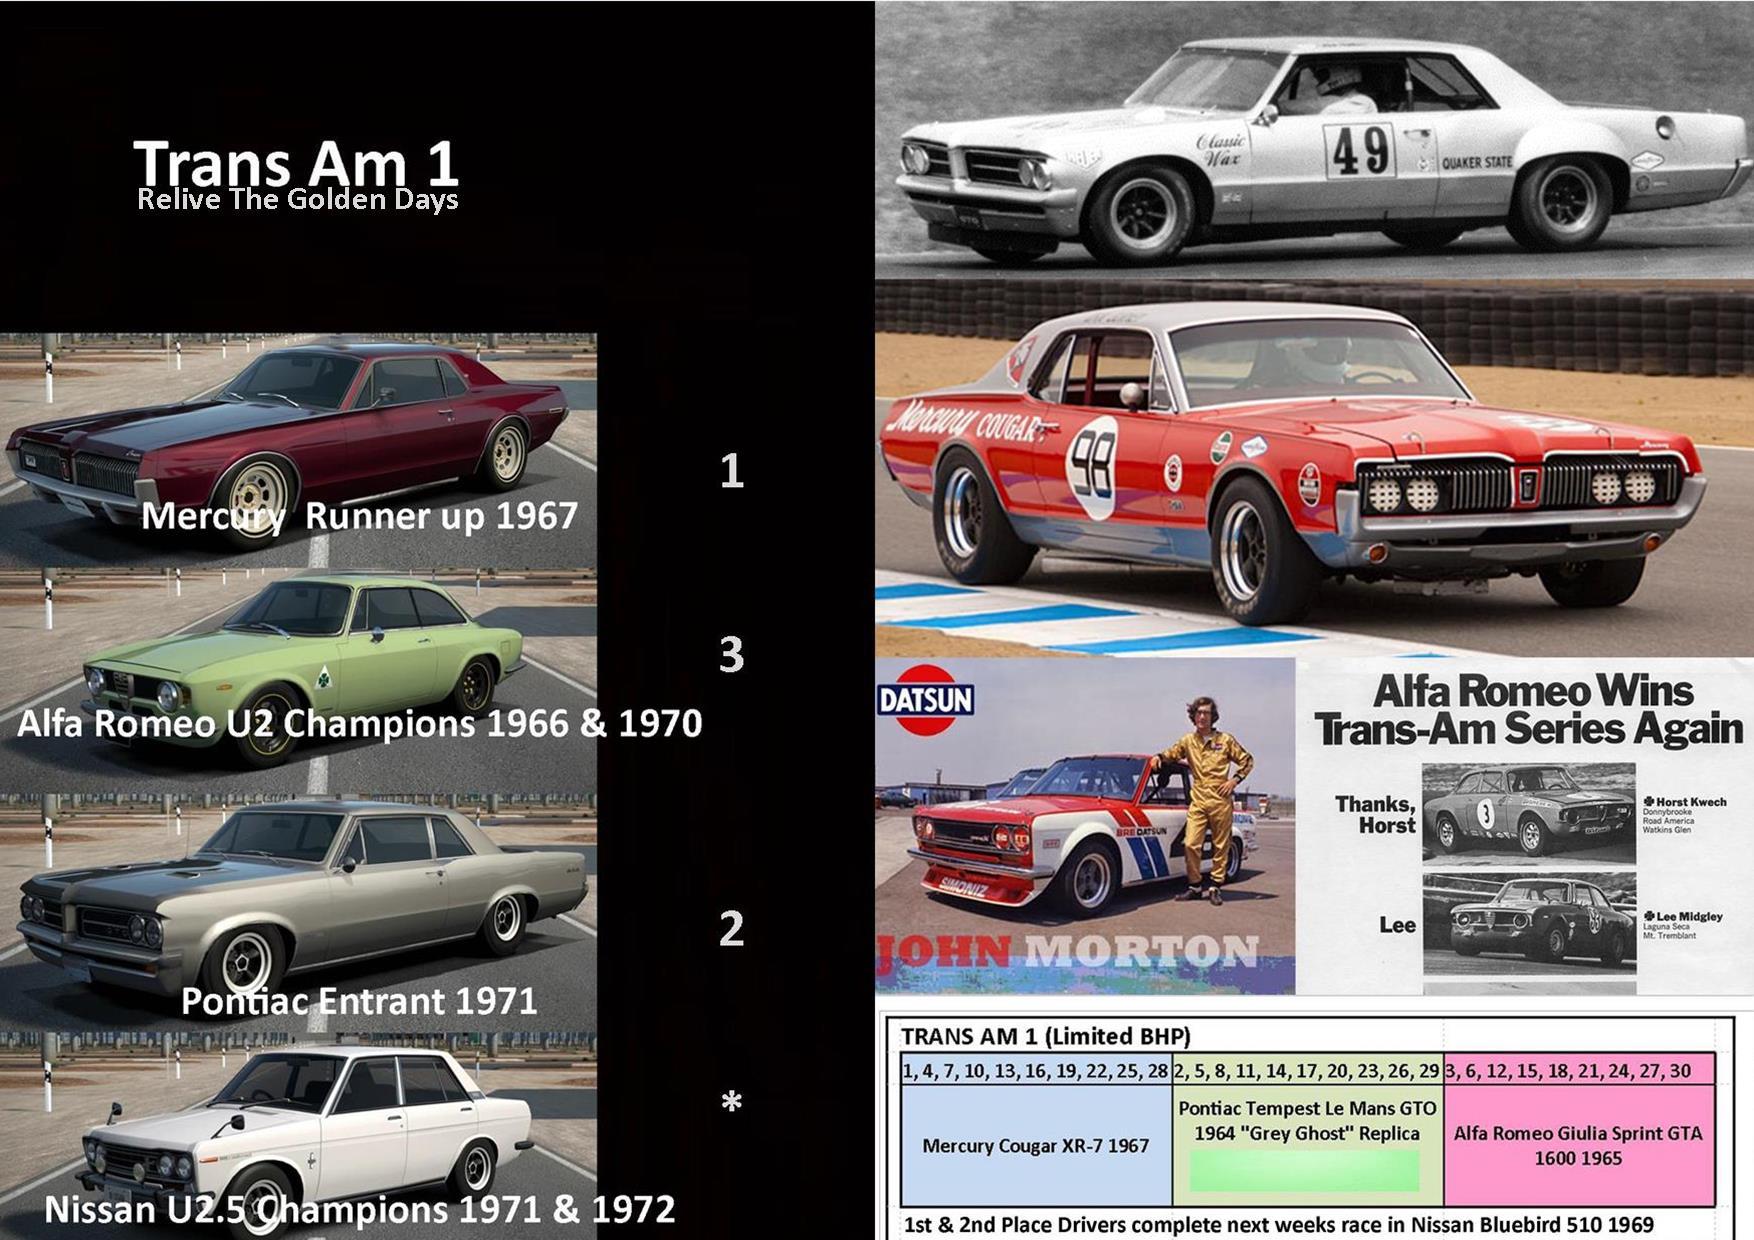 TA1 New Poster Alternate.jpg